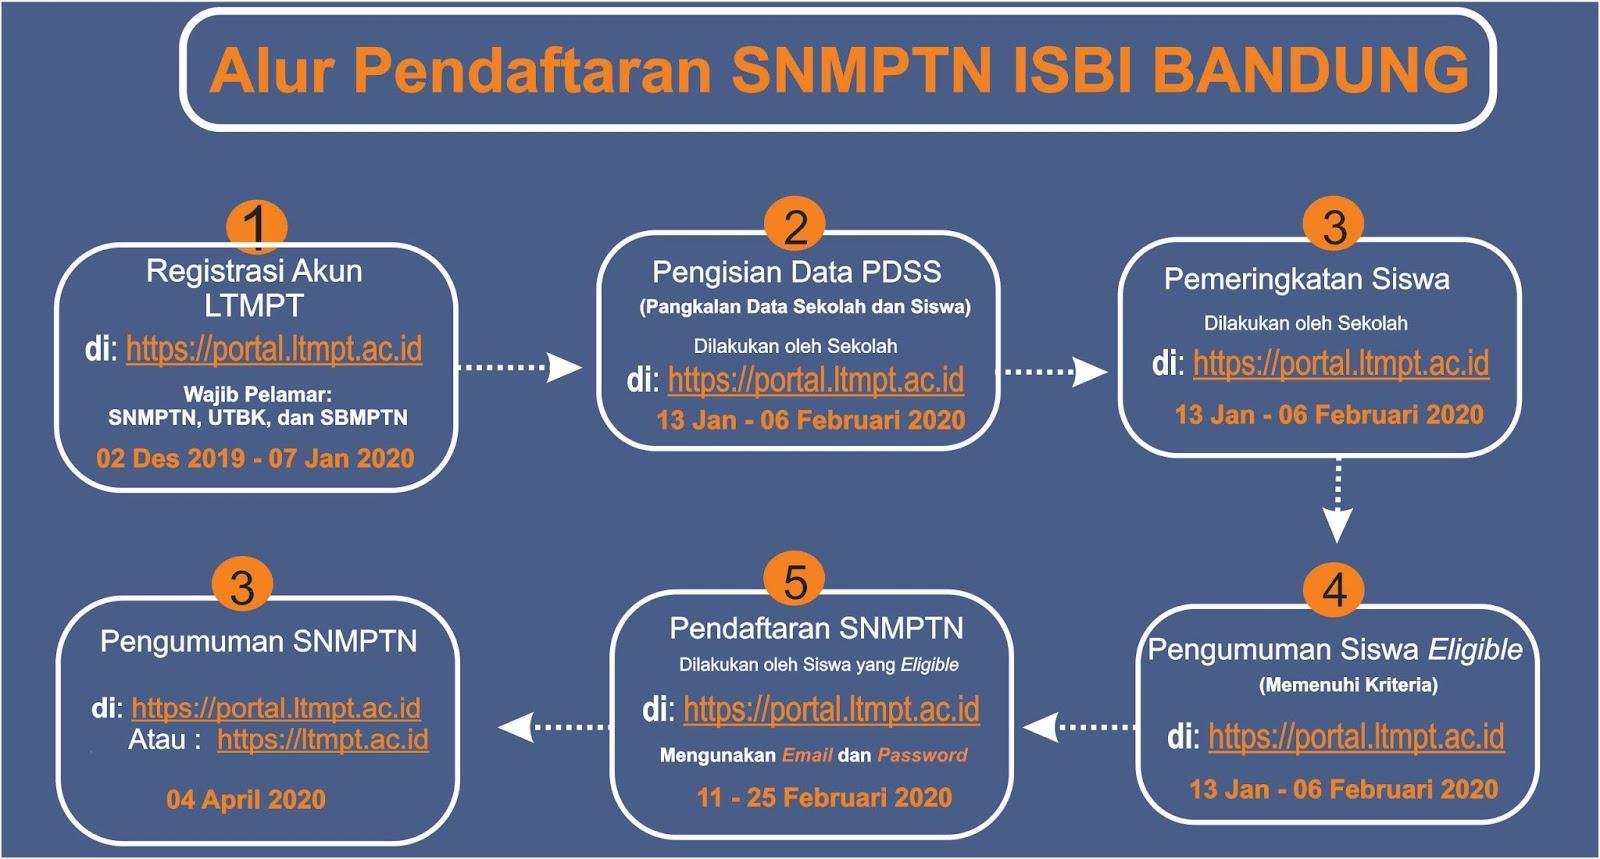 Gambar Alur Pendaftaran SNMPTN ISBI Bandung TA 2020/2021